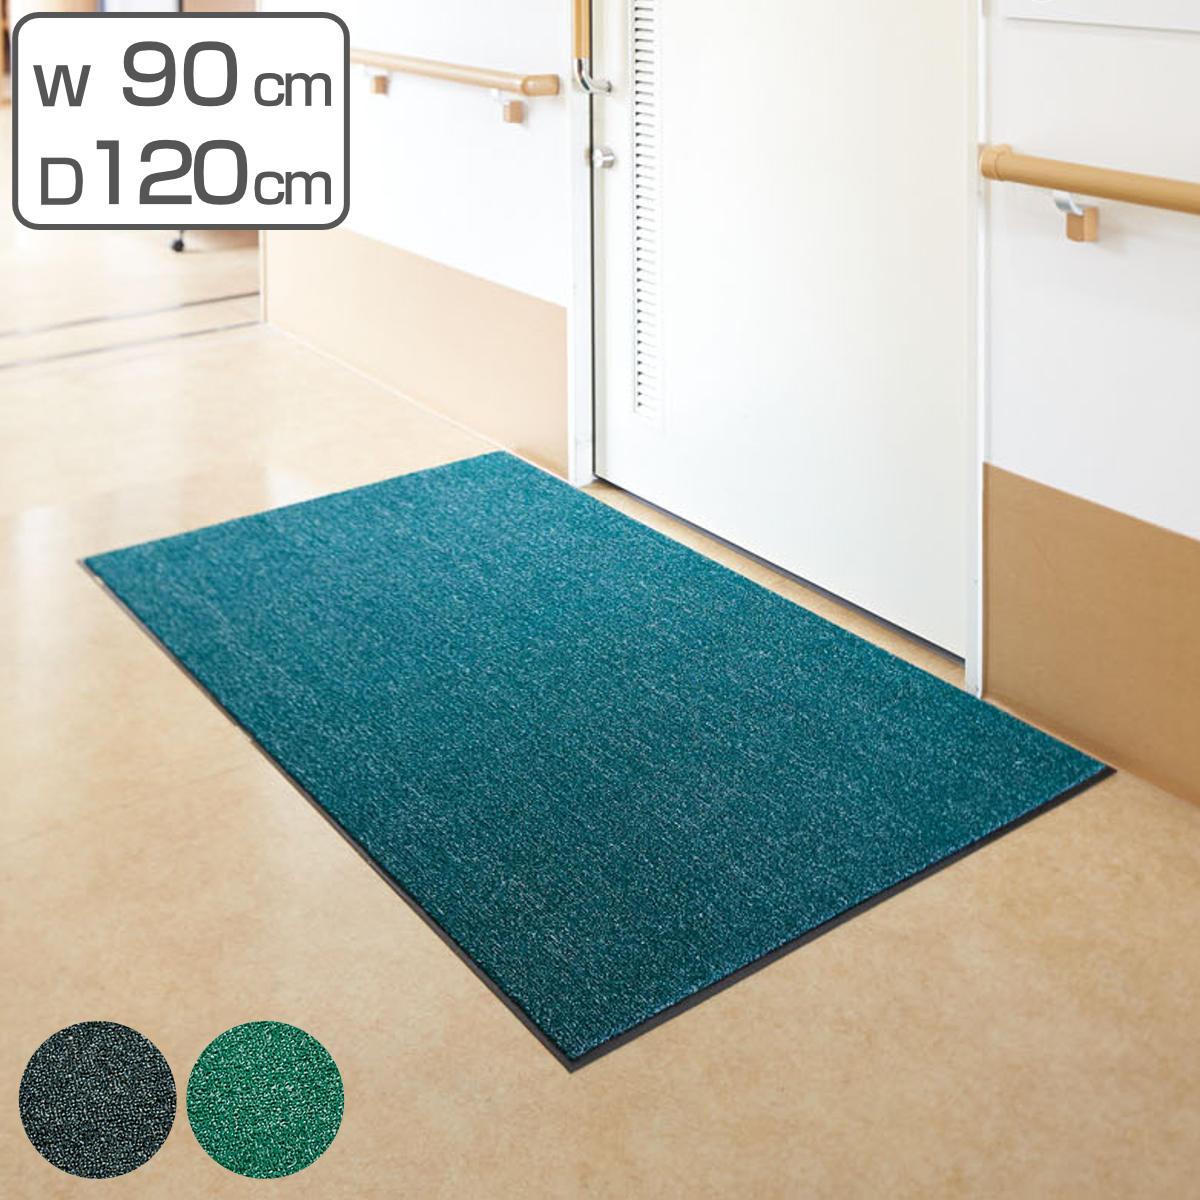 消臭抗菌マット 900×1200 (山崎産業 トイレットマット )